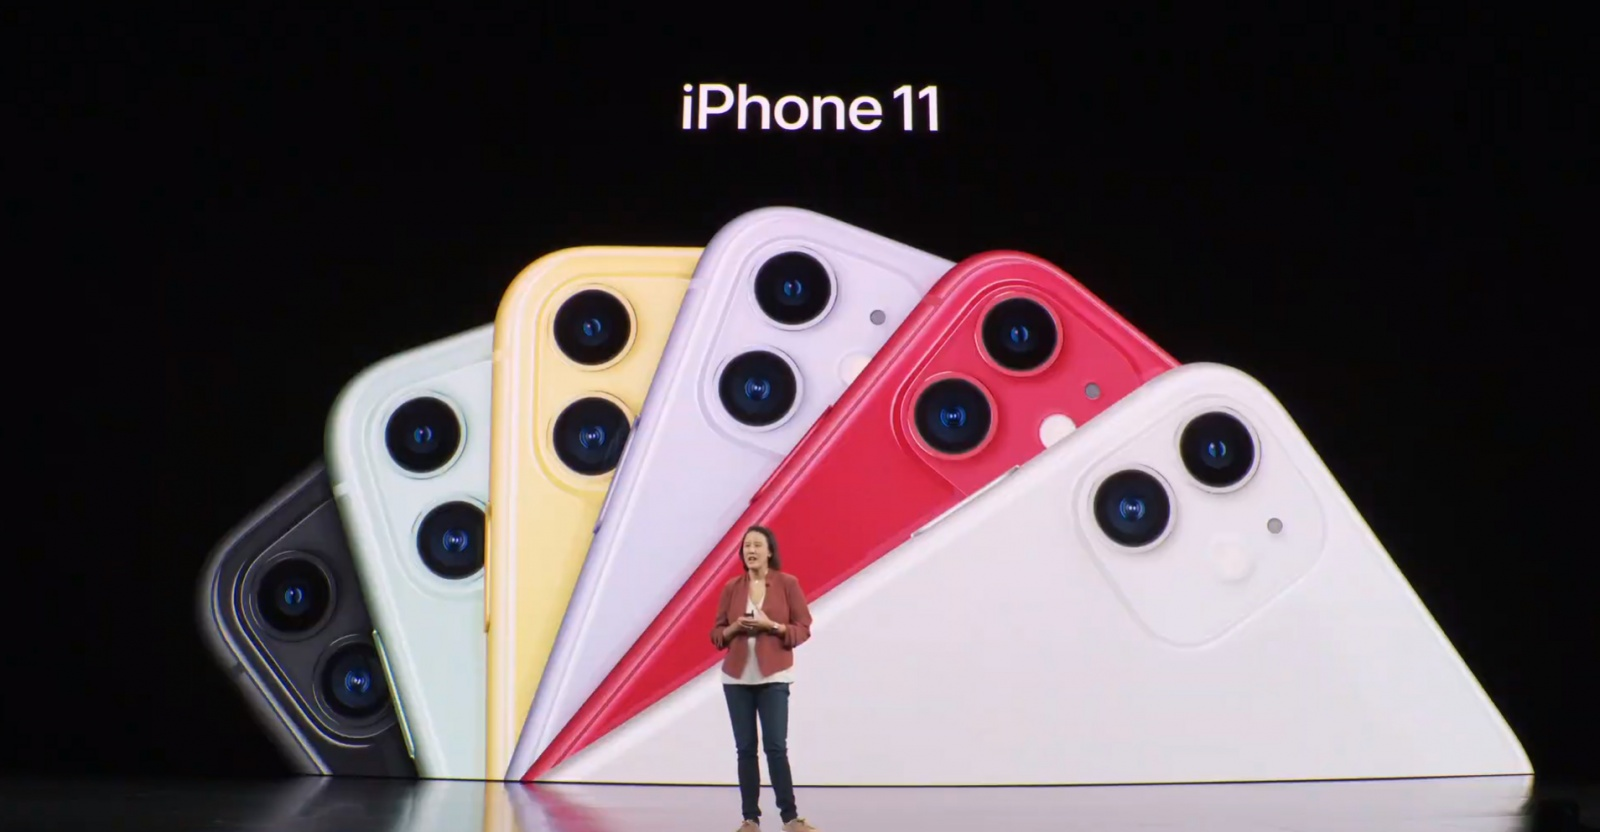 iPhone 11, новый iPad, TV+, Arcade и другое. Что сегодня показала Apple - 12